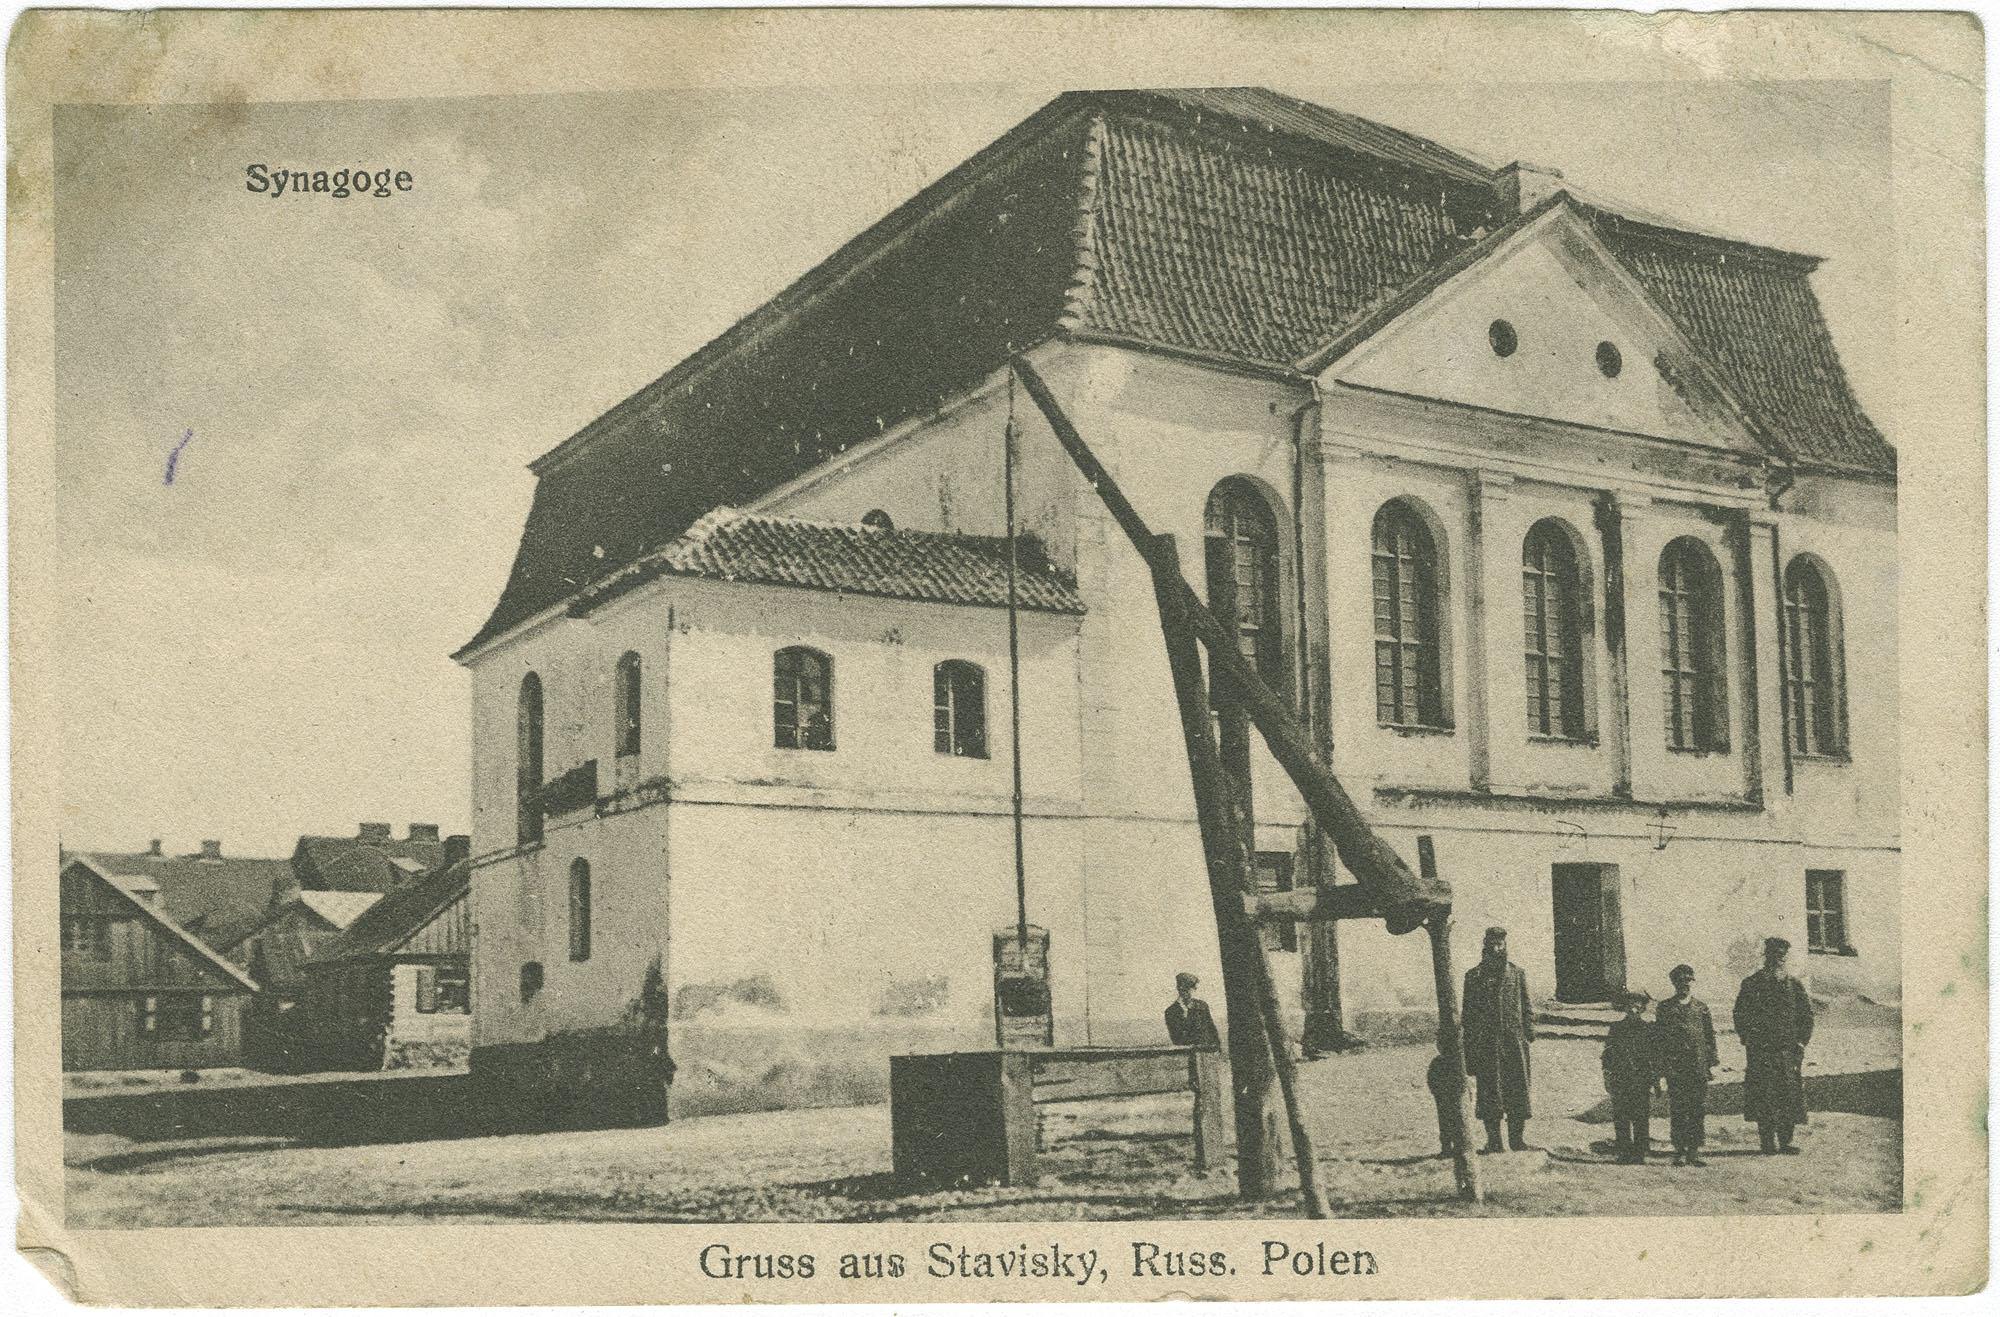 Gruss aus Stavisky, Russ. Polen. Synagoge.